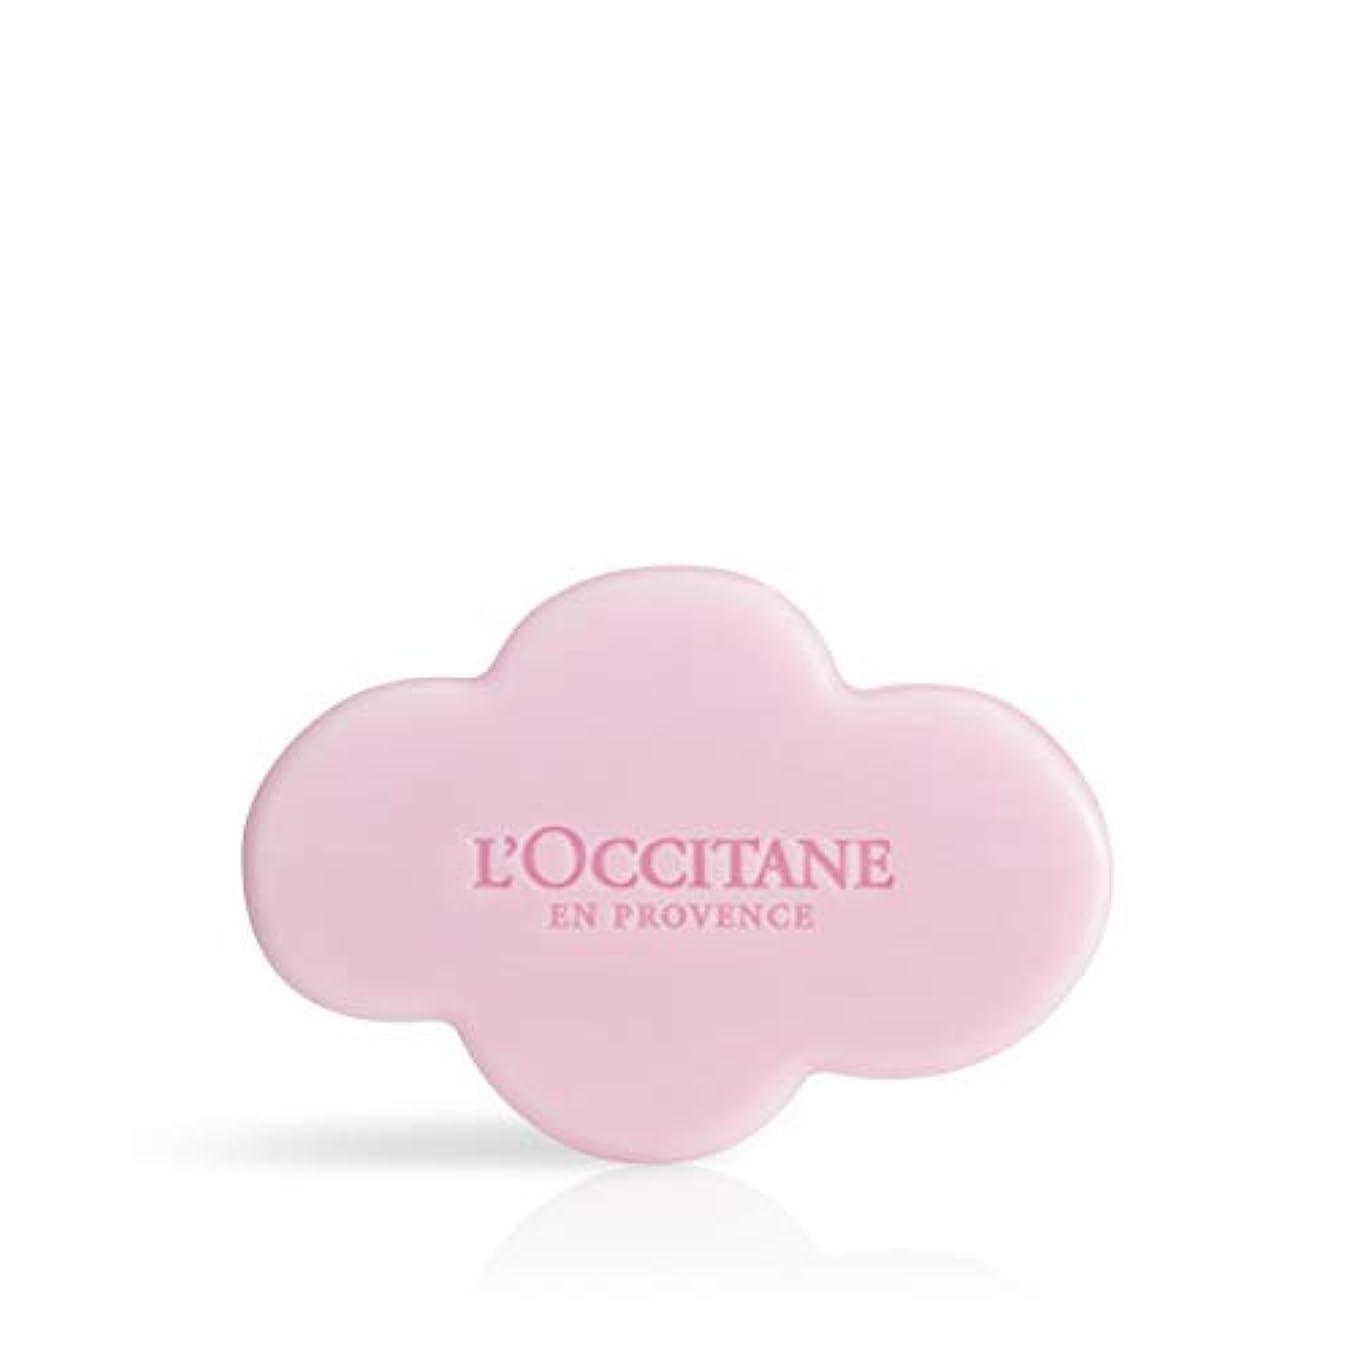 煙義務づけるサイトロクシタン(L'OCCITANE) フェスティブガーデン シア ソープ 150g 石鹸 スパークリングフローラル